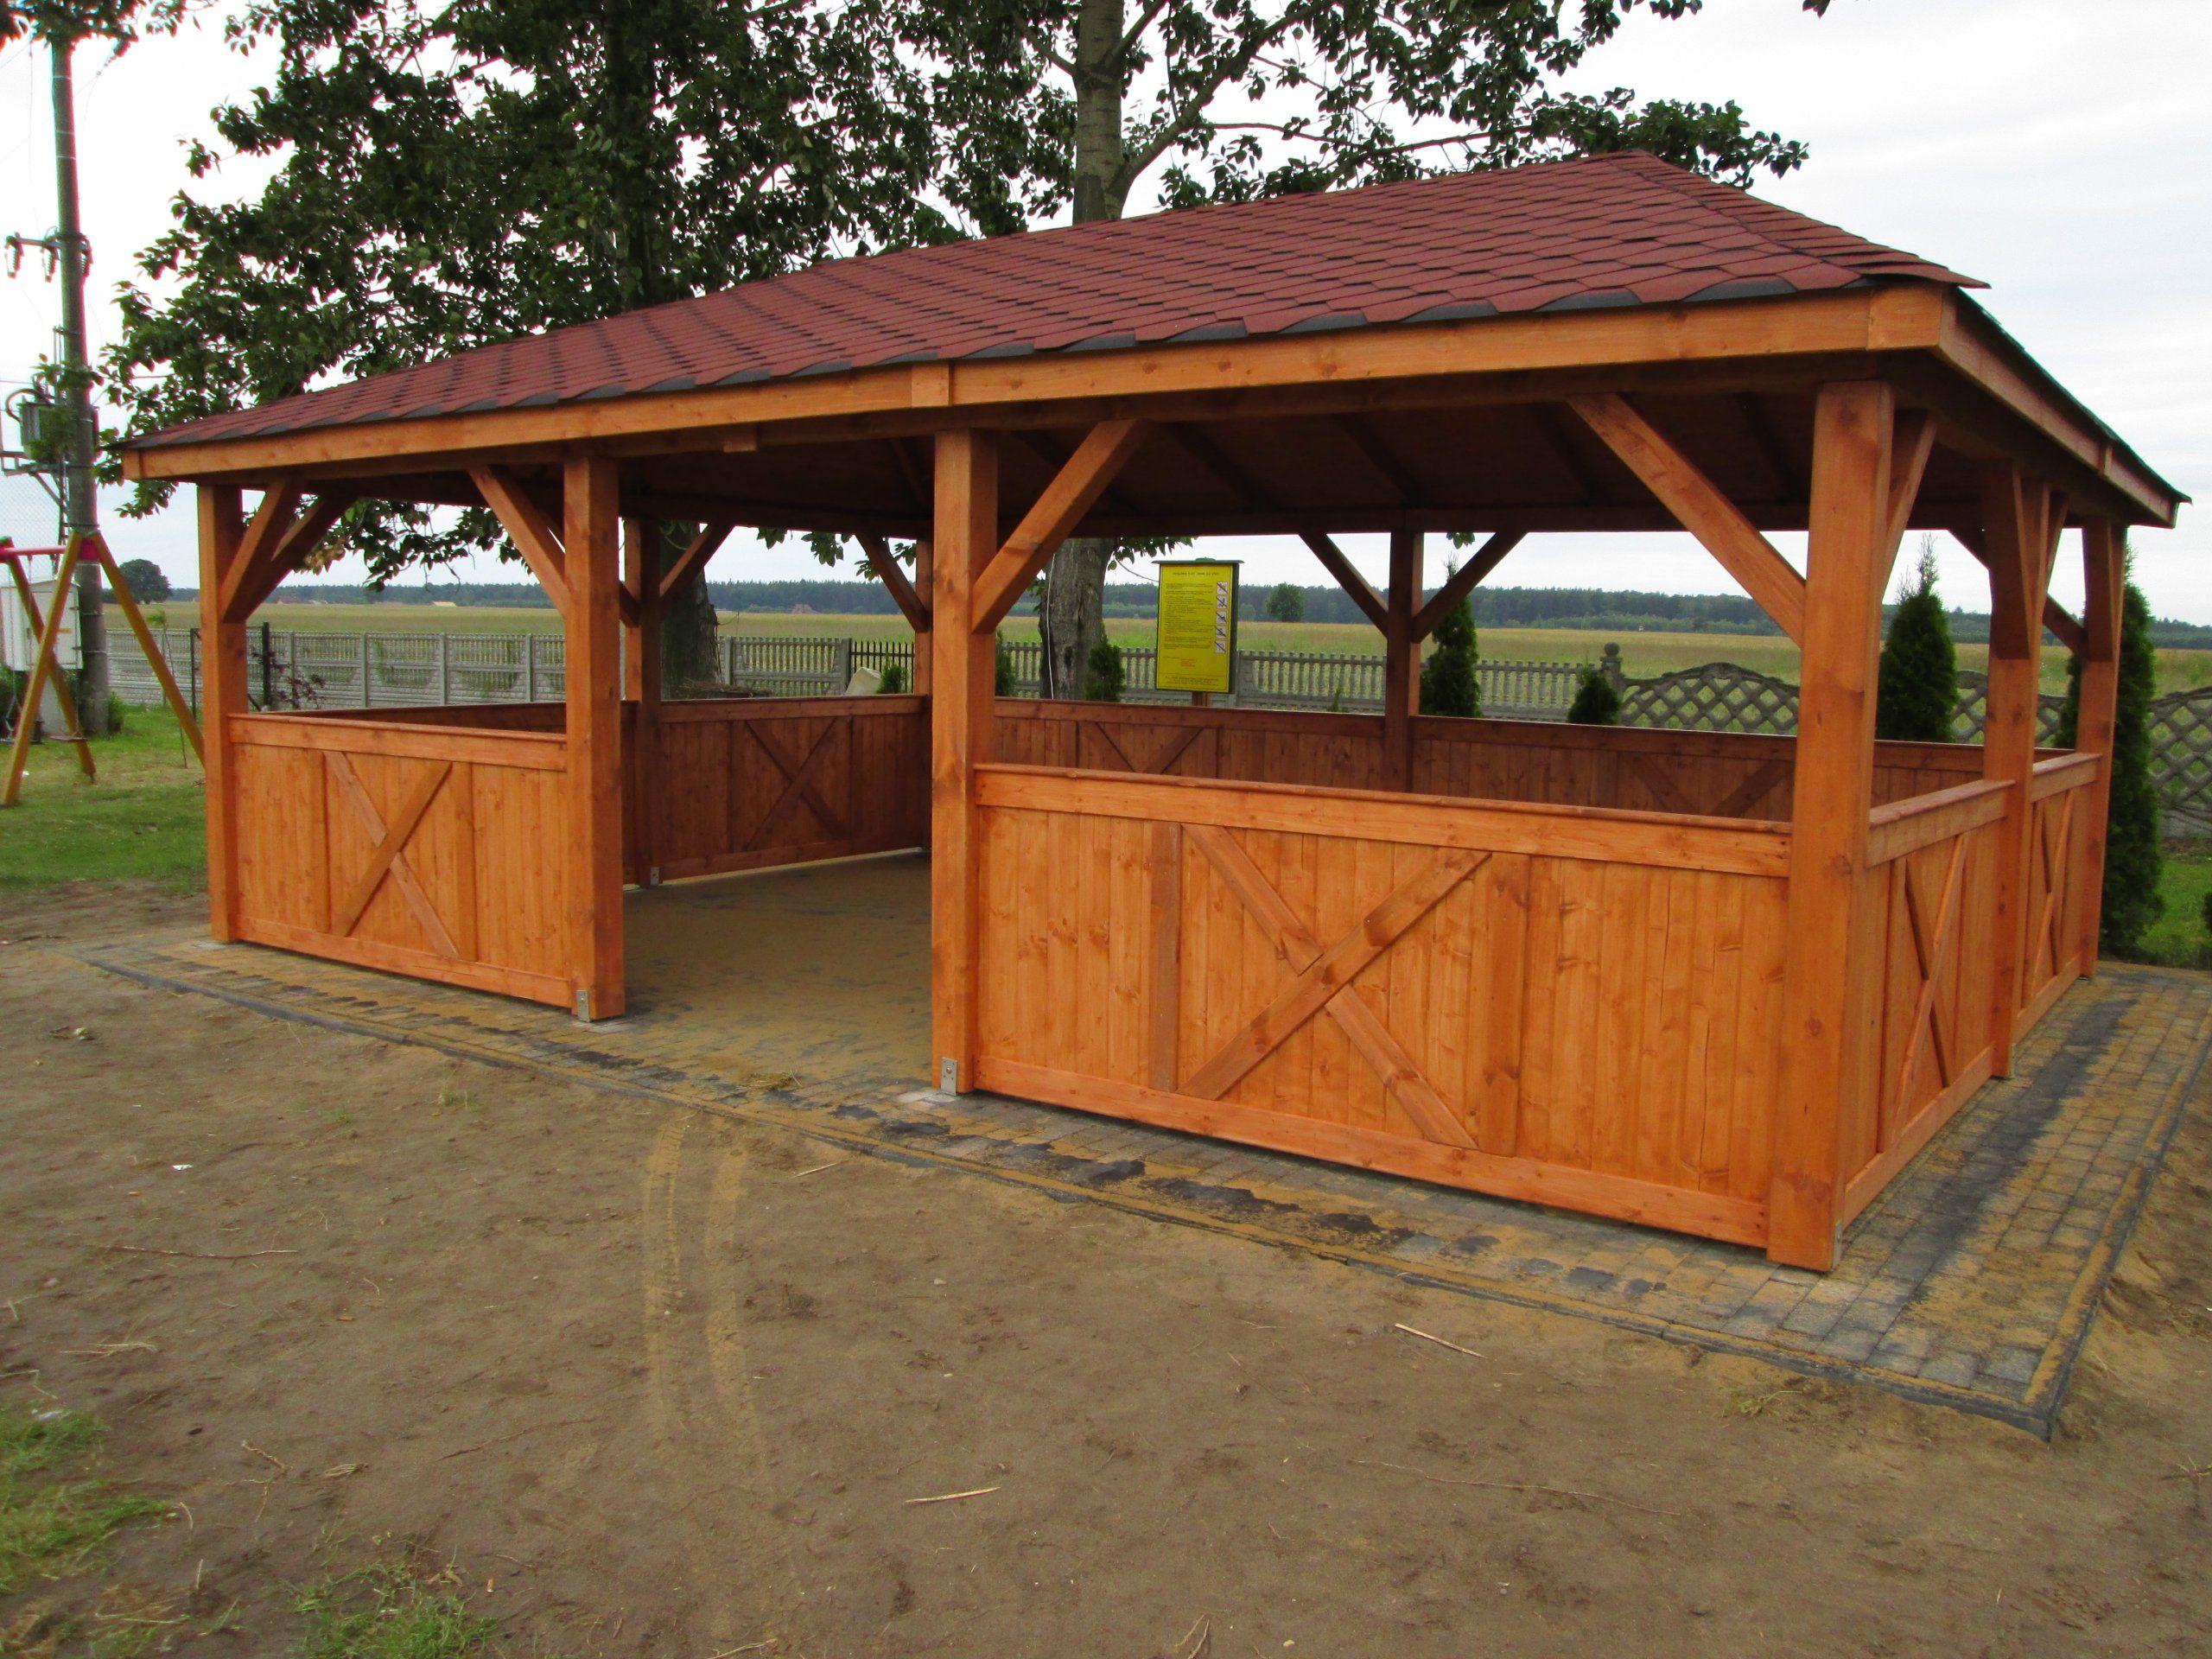 Altany Altanki Altana Ogrodowa Parkowa Producent 7232400962 Oficjalne Archiwum Allegro Gazebo Outdoor Structures Wood Diy